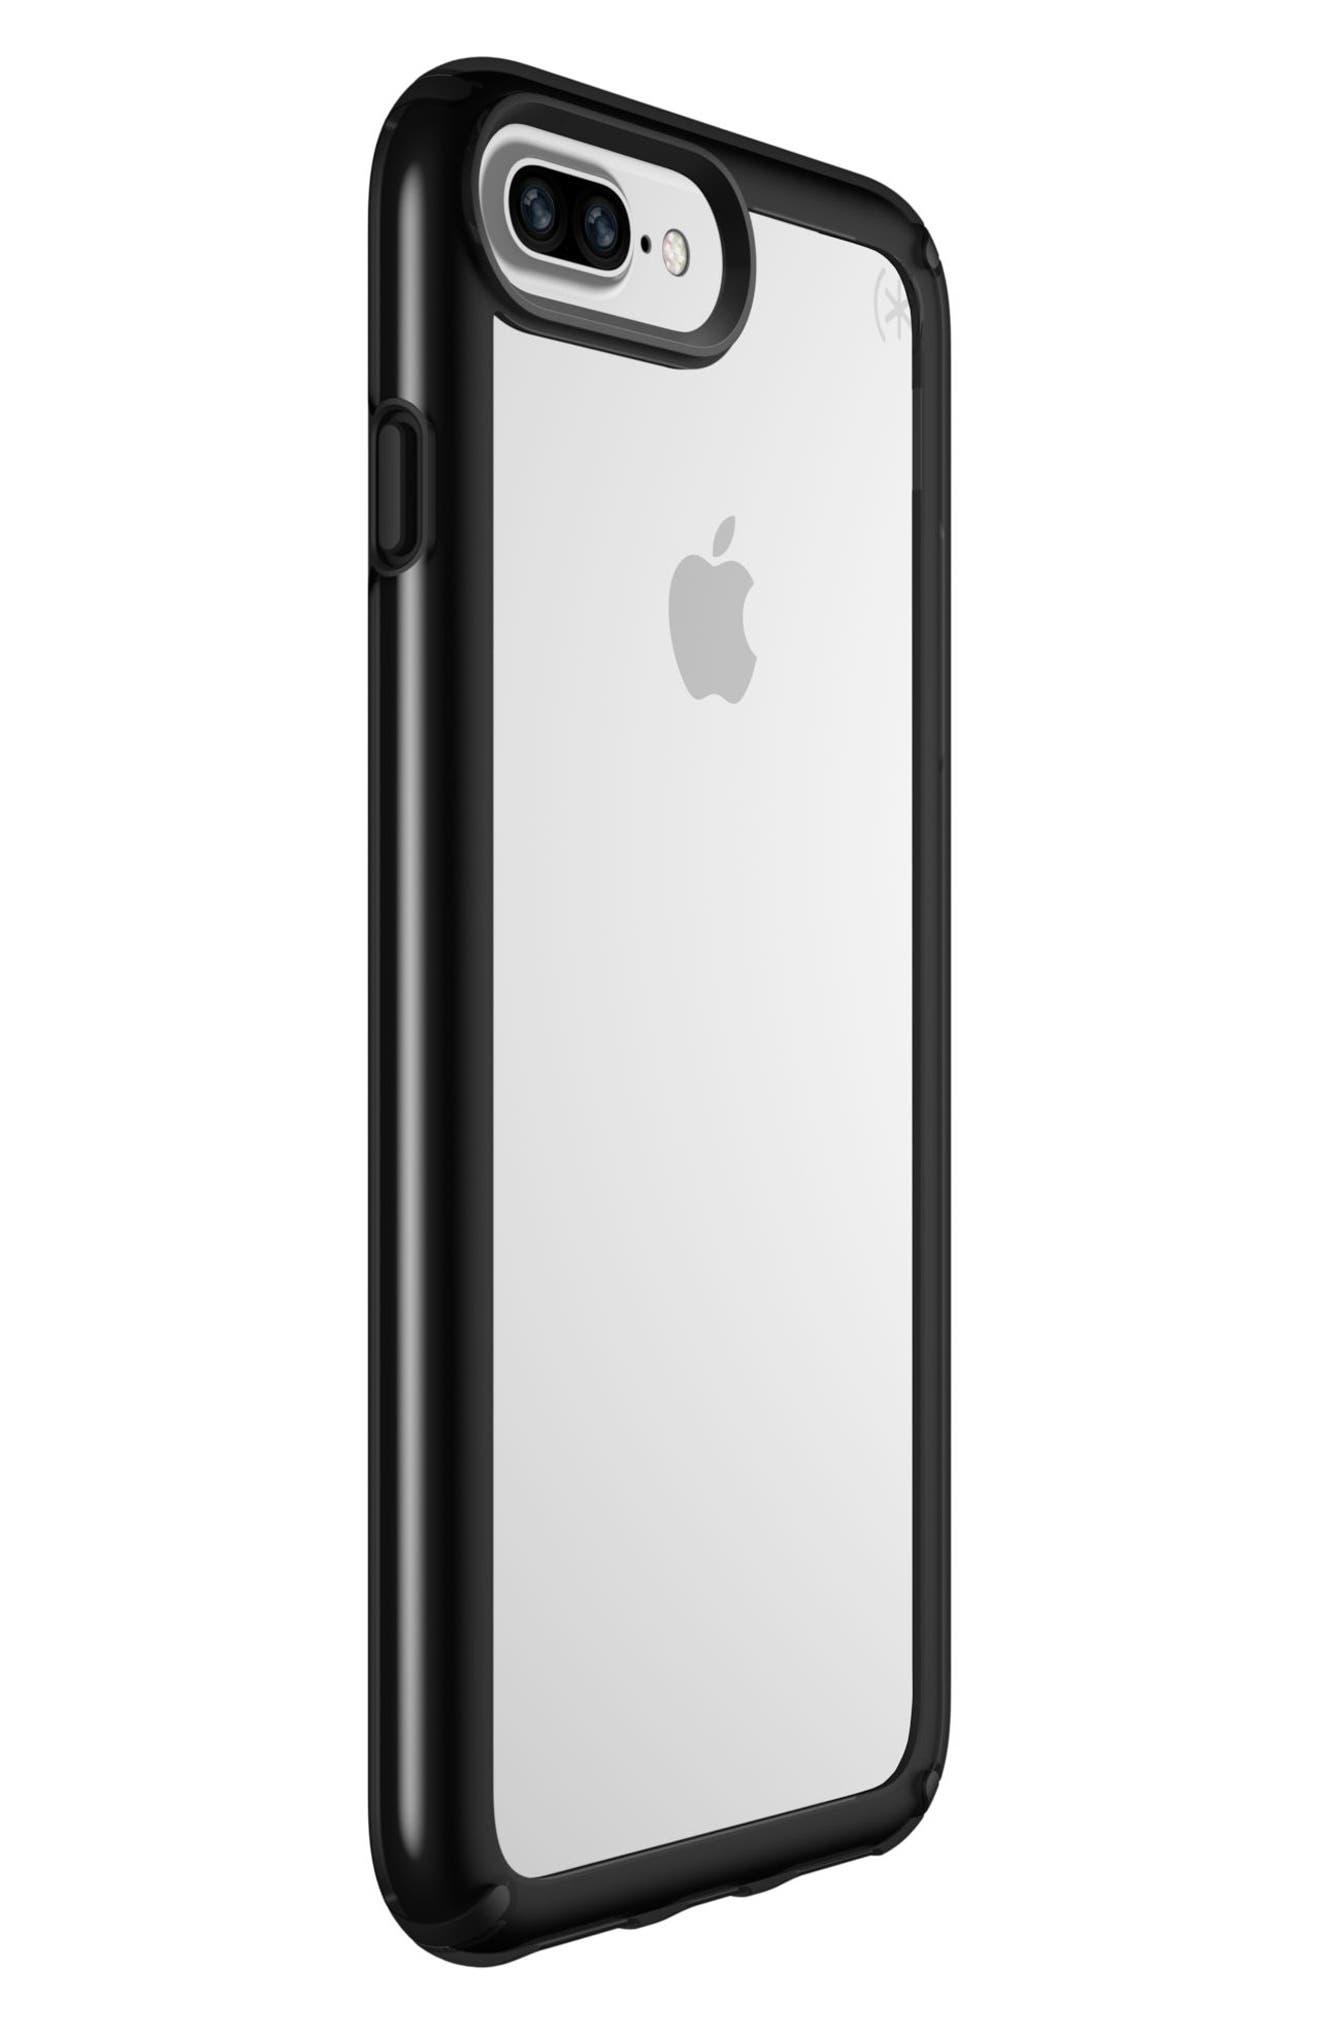 iPhone 6/6s/7/8 Plus Case,                             Alternate thumbnail 3, color,                             Clear/ Black